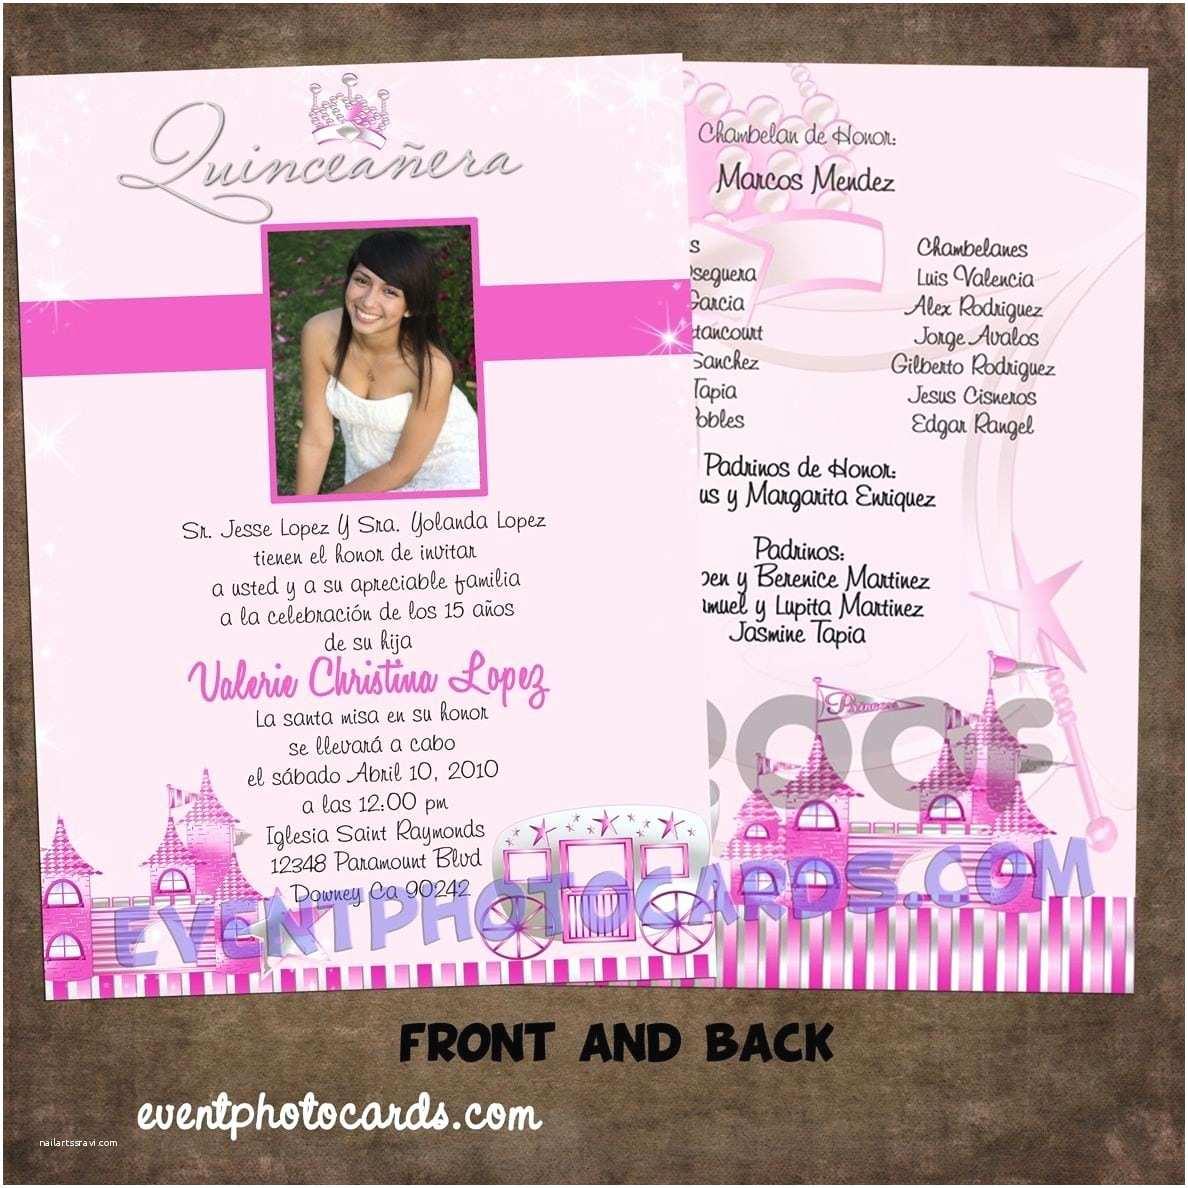 Quinceanera Invitations In Spanish Spanish Quinceanera Invitation Templates